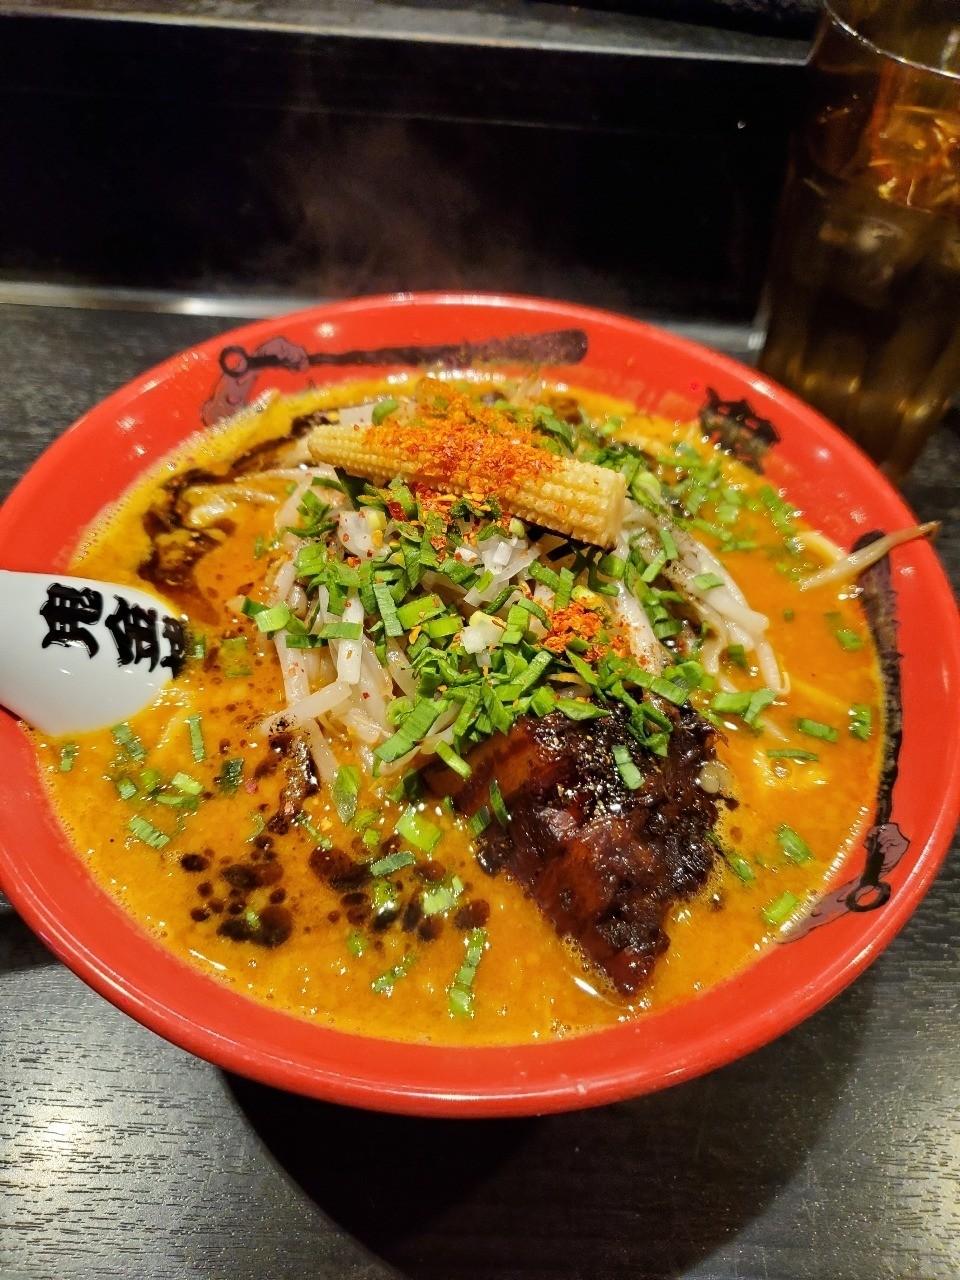 カラシビ味噌らー麺 鬼金棒 (池袋店) image